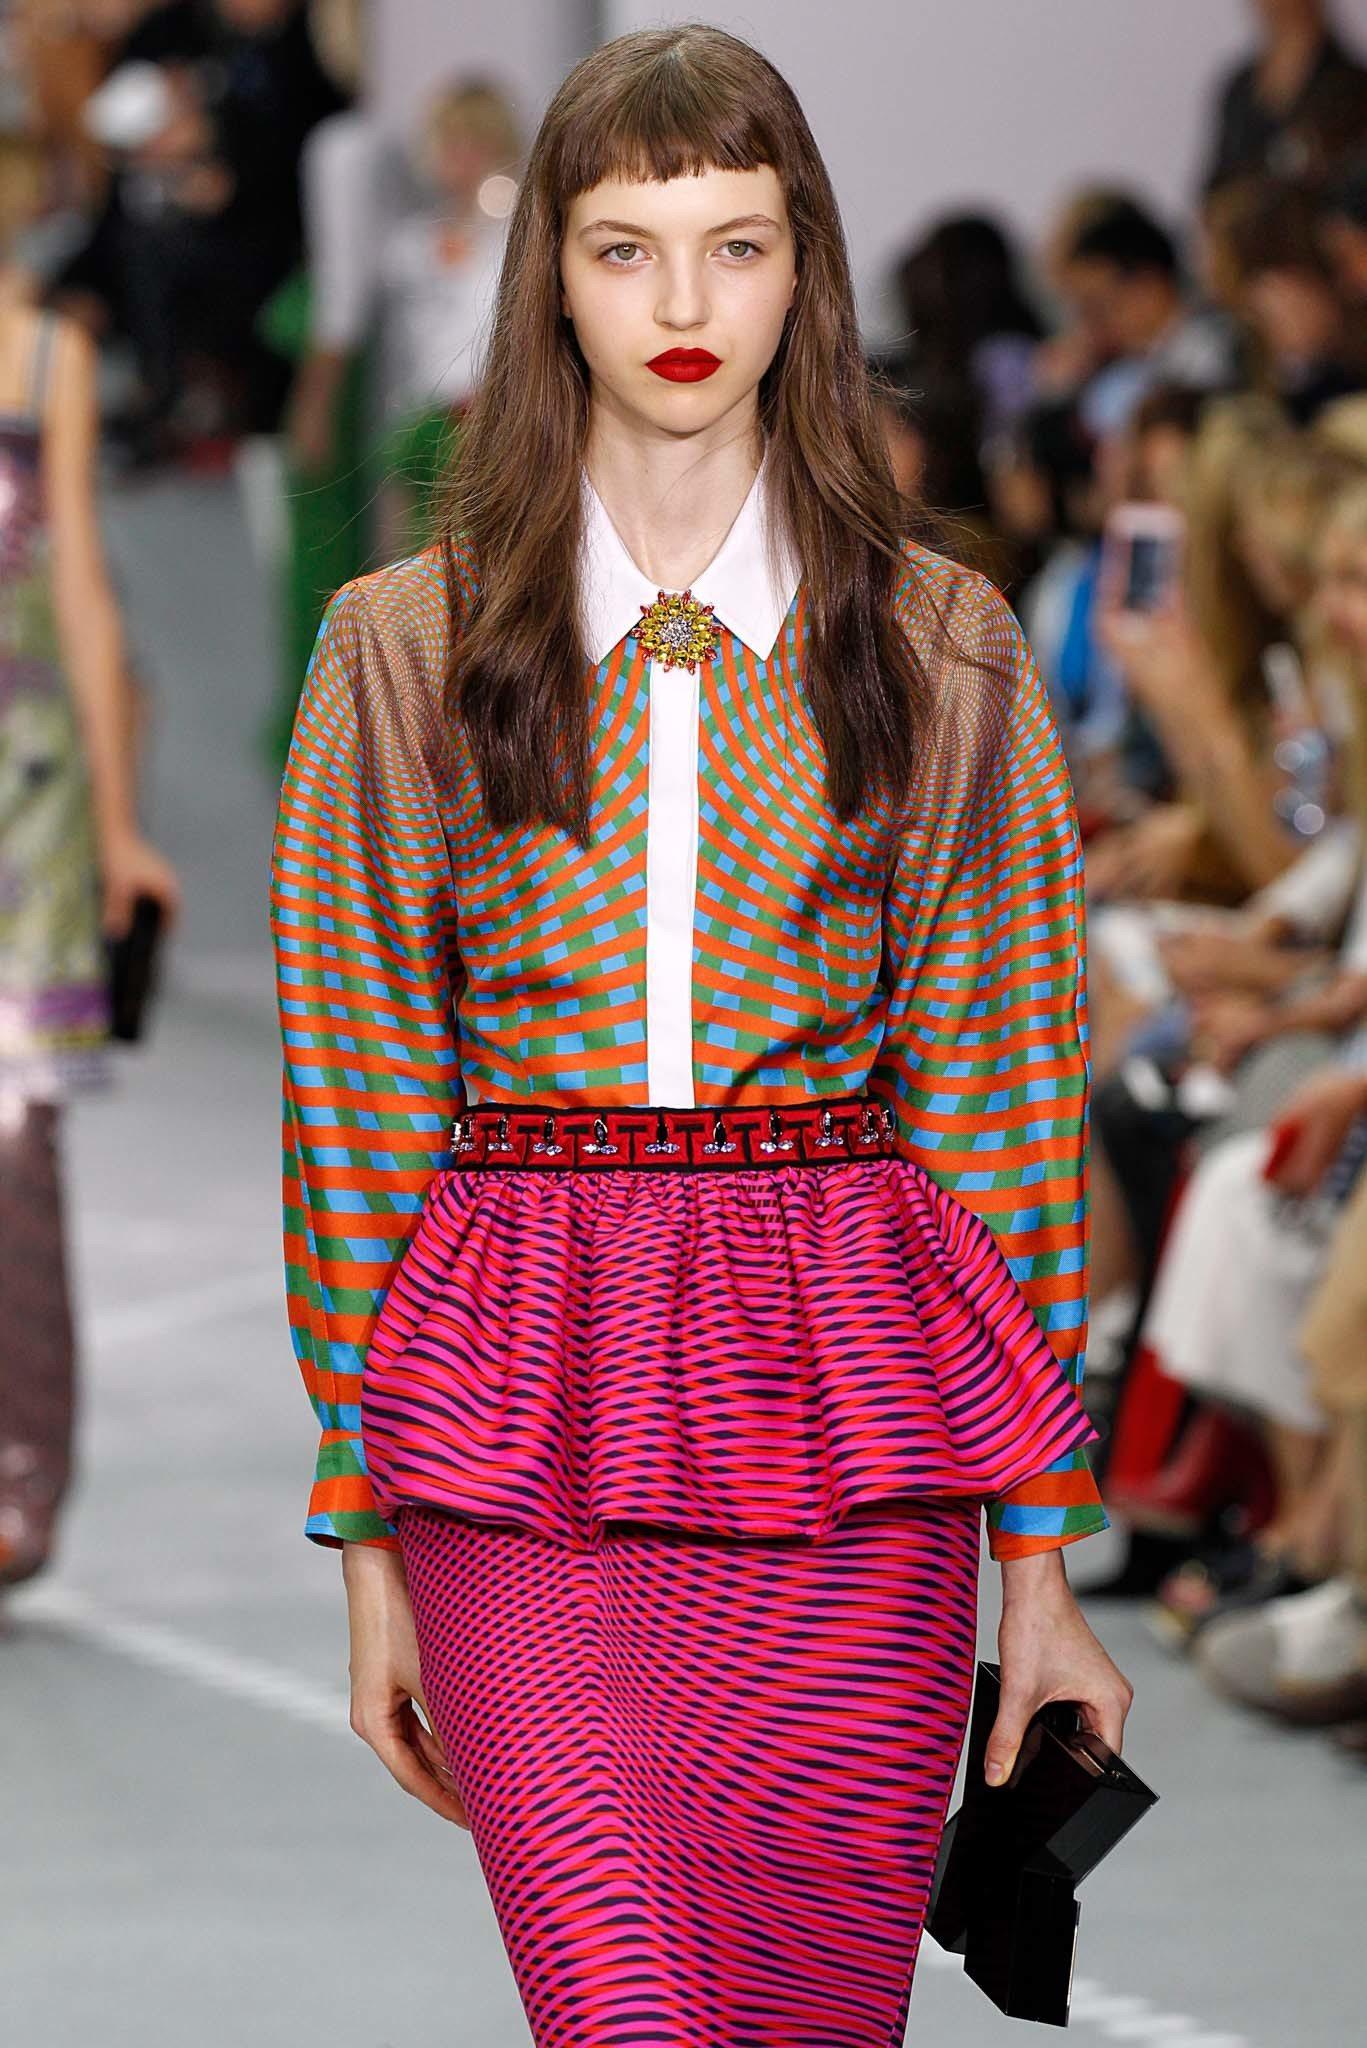 Frange courte: Modèle avec de longs cheveux bruns ondulés et une micro frange courte portant une chemise et une jupe à motifs.